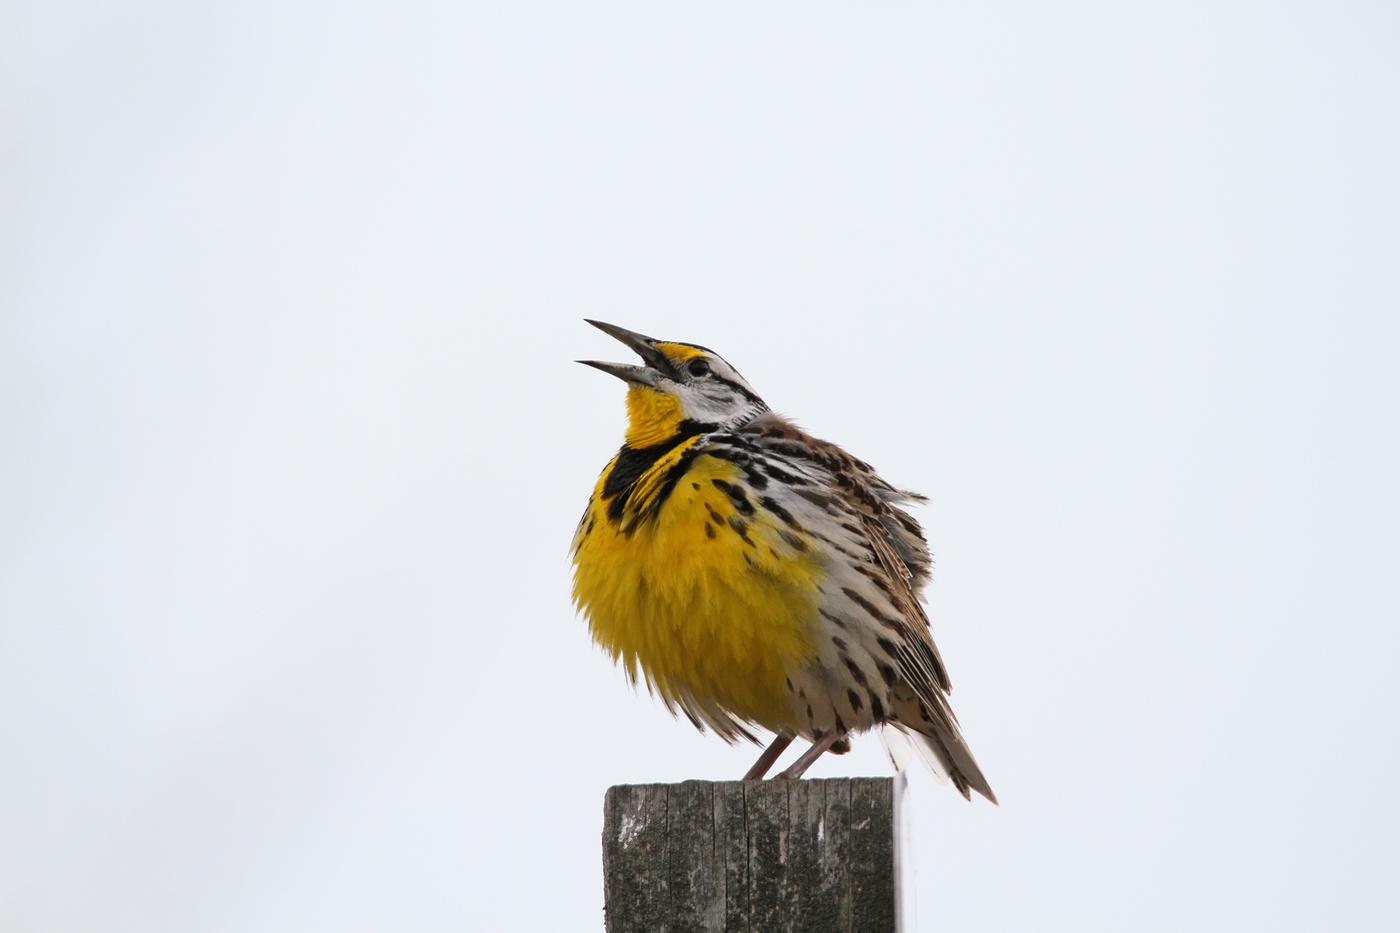 Eastern Meadowlark #21